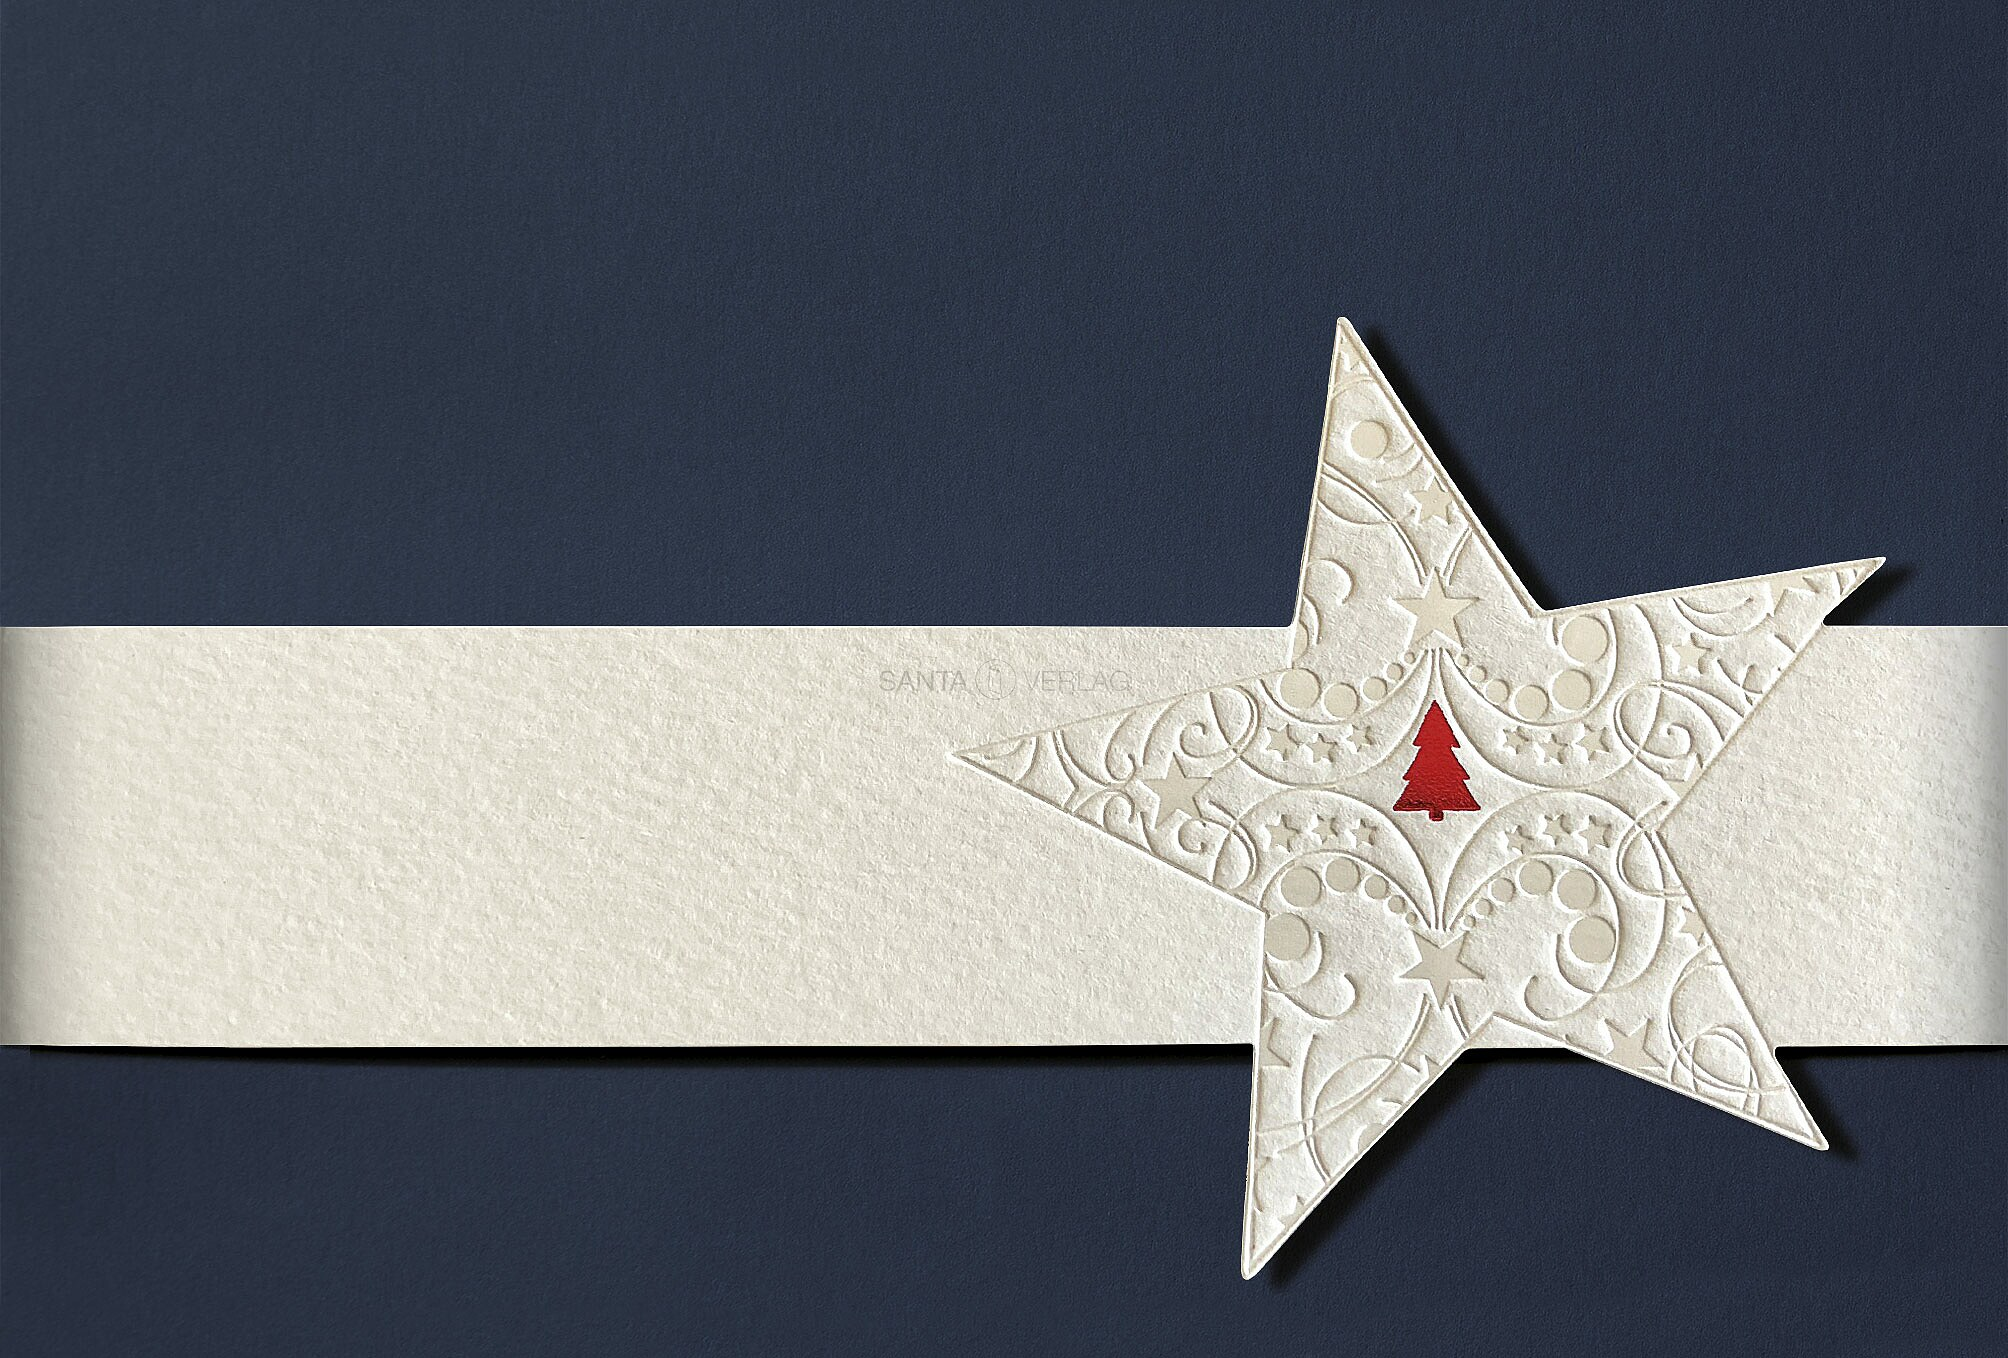 Weihnachtskarten mit Banderole inkl. Kuvert (Weihnachtskarten)